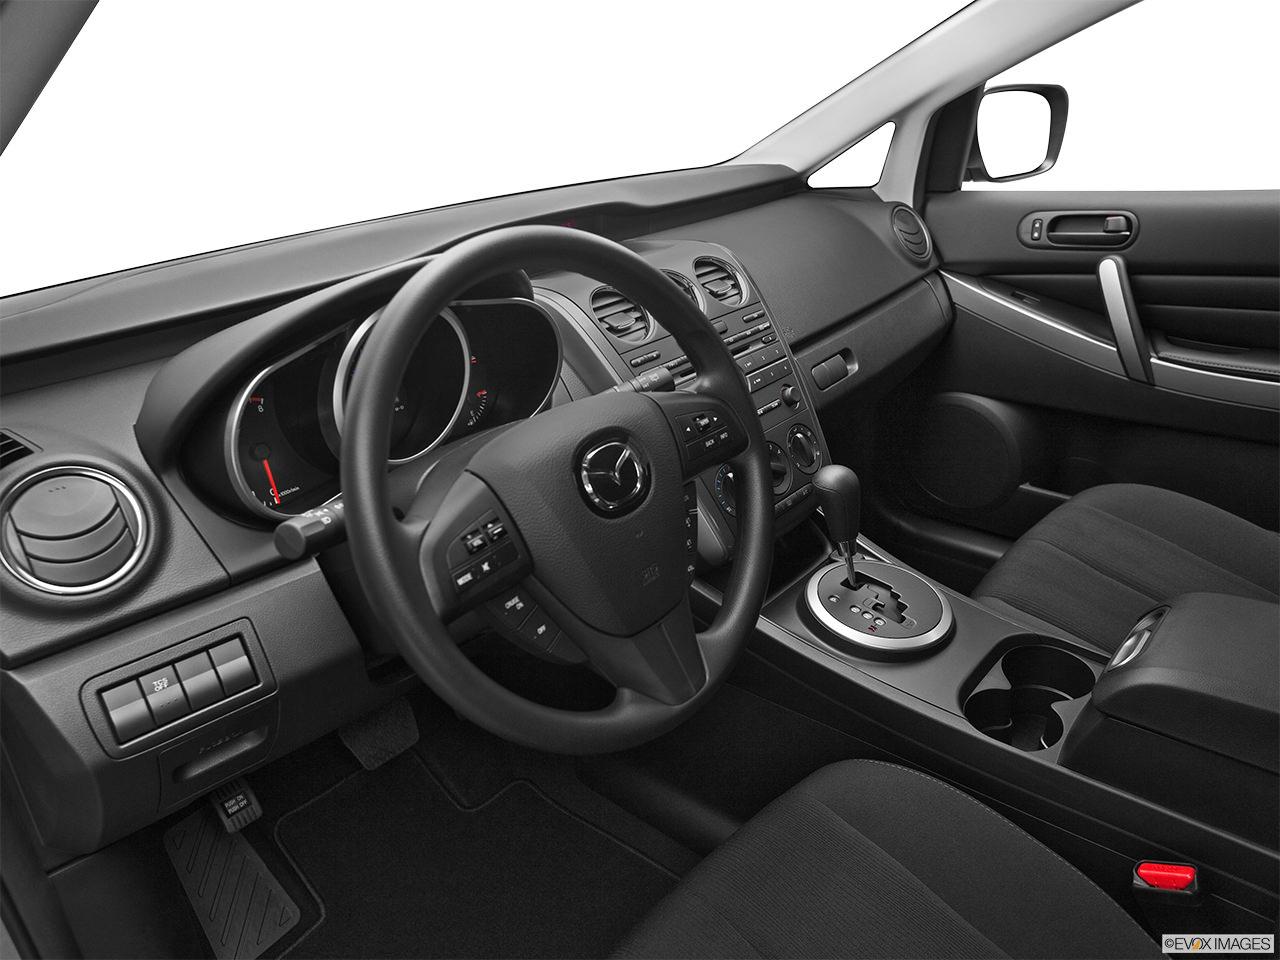 Mazda CX-7 2012 Interior